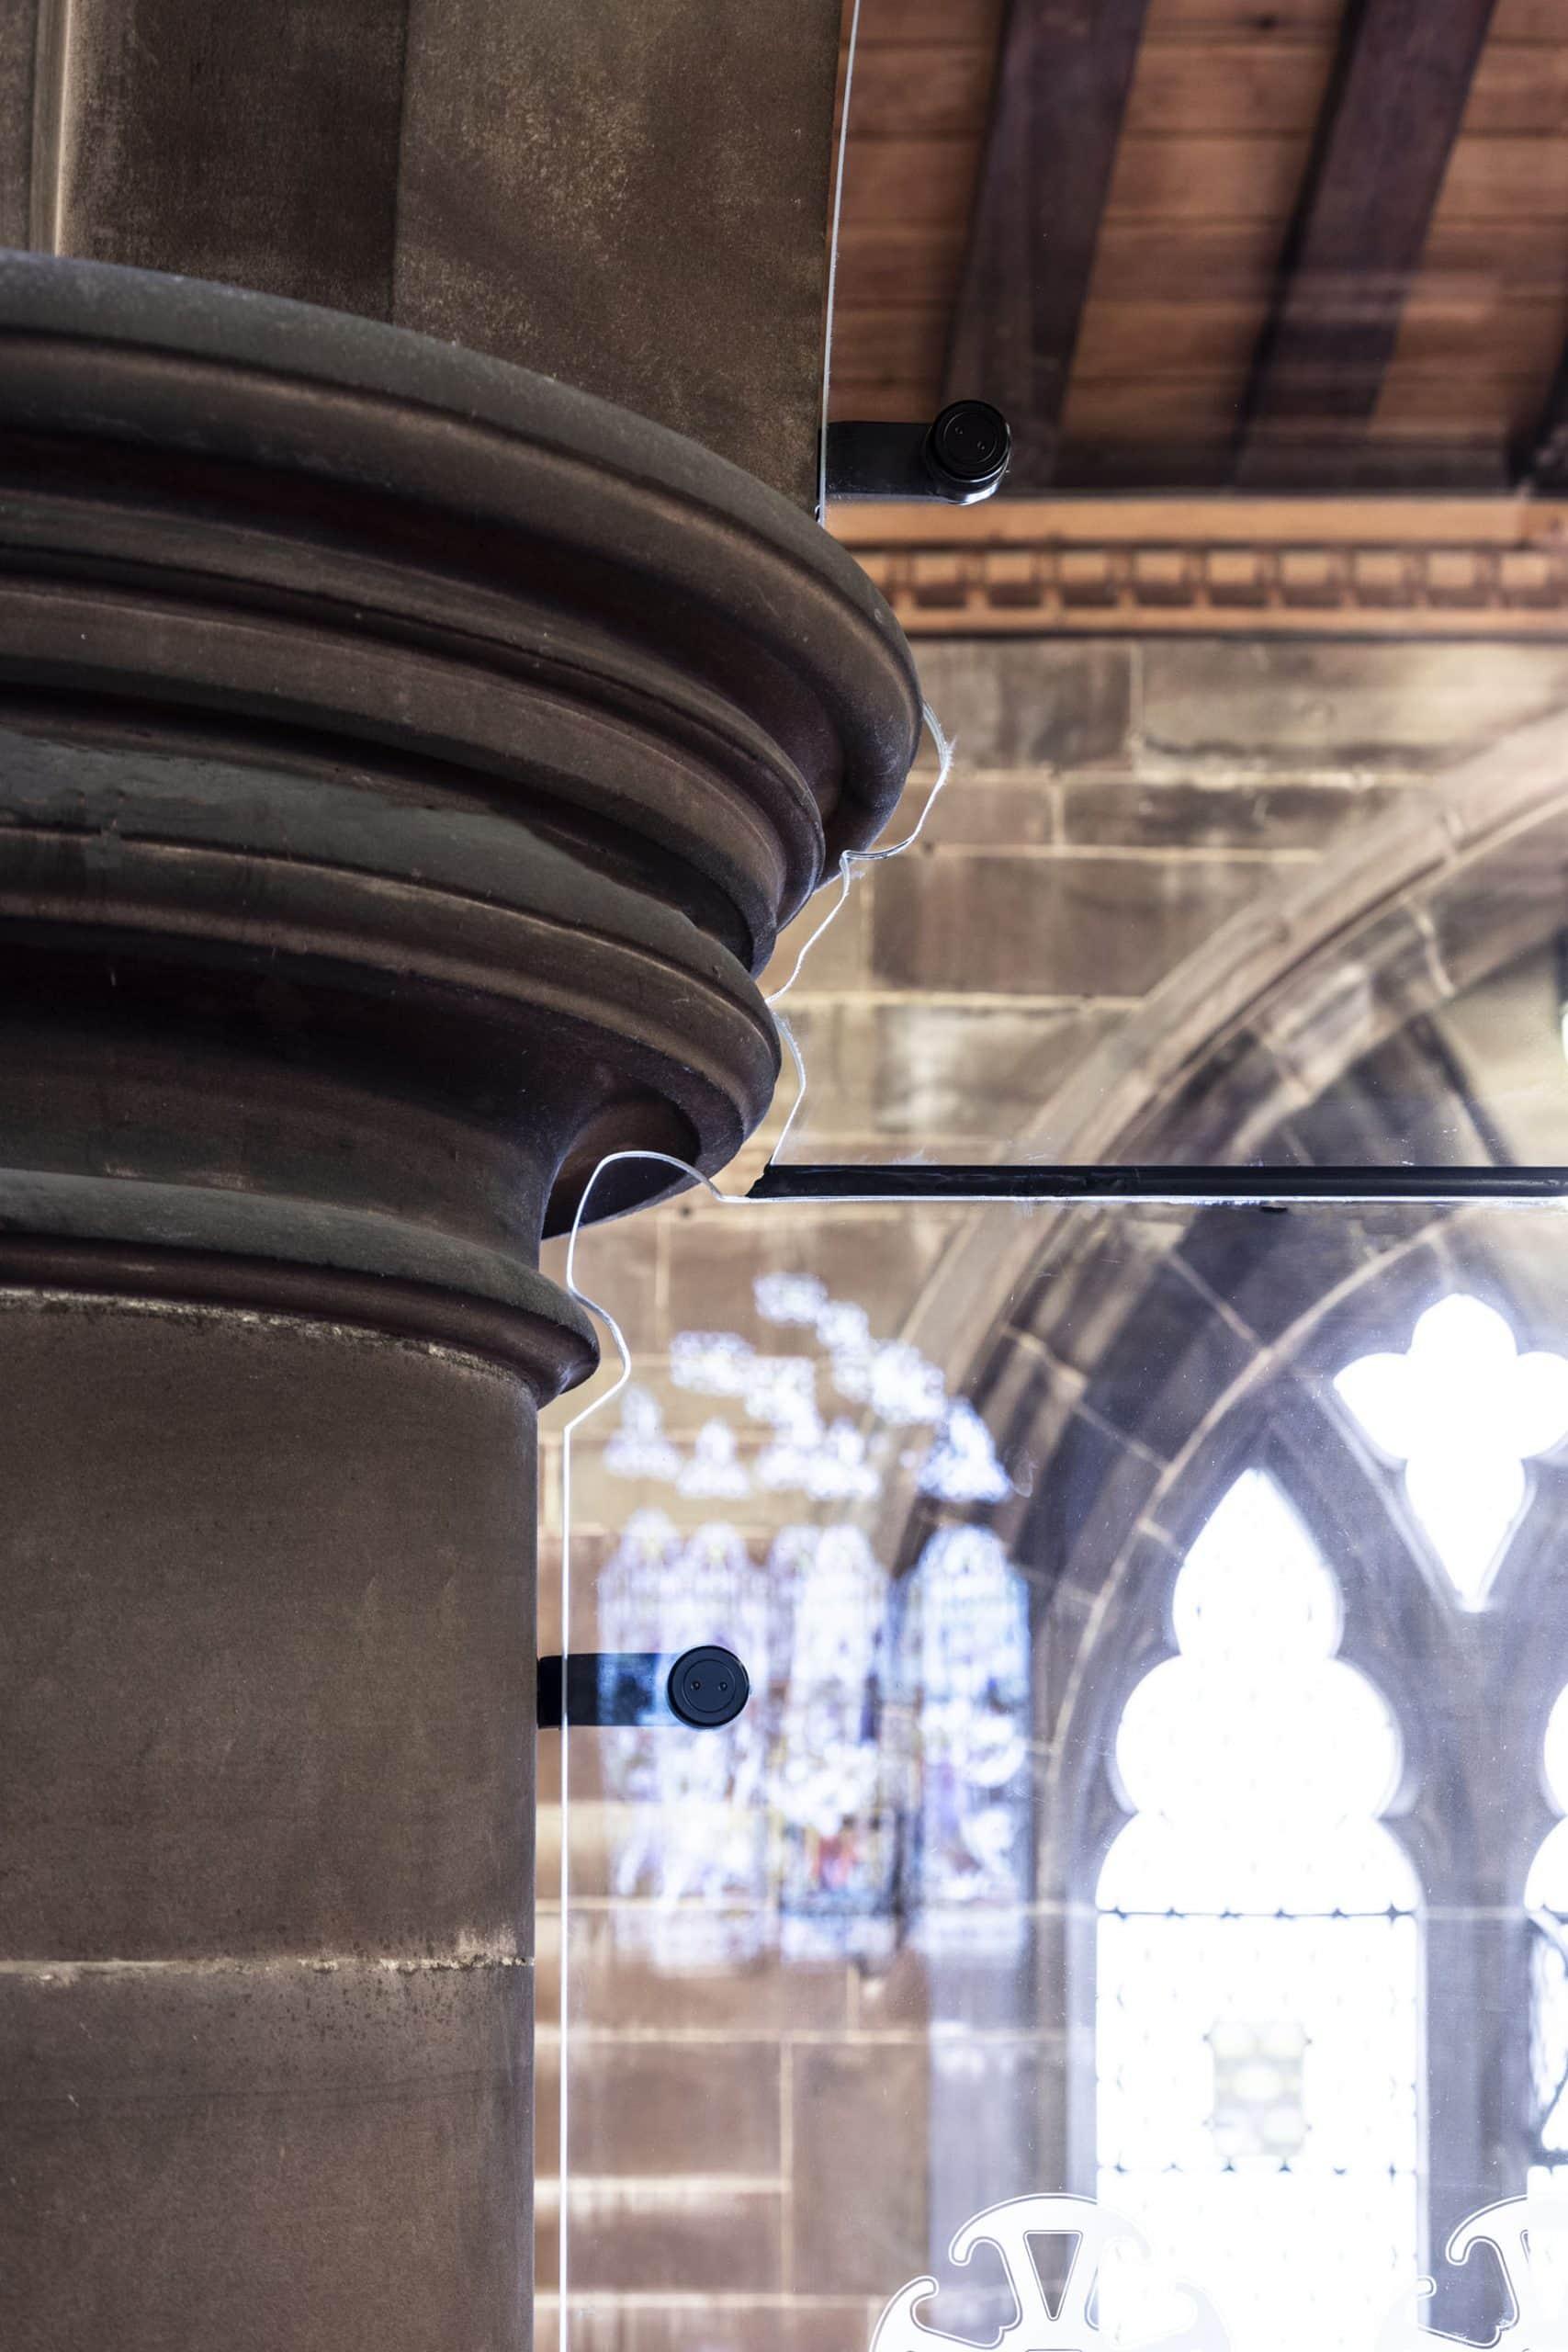 frameless internal glass screen with bespoke cut out fixing to church pillar